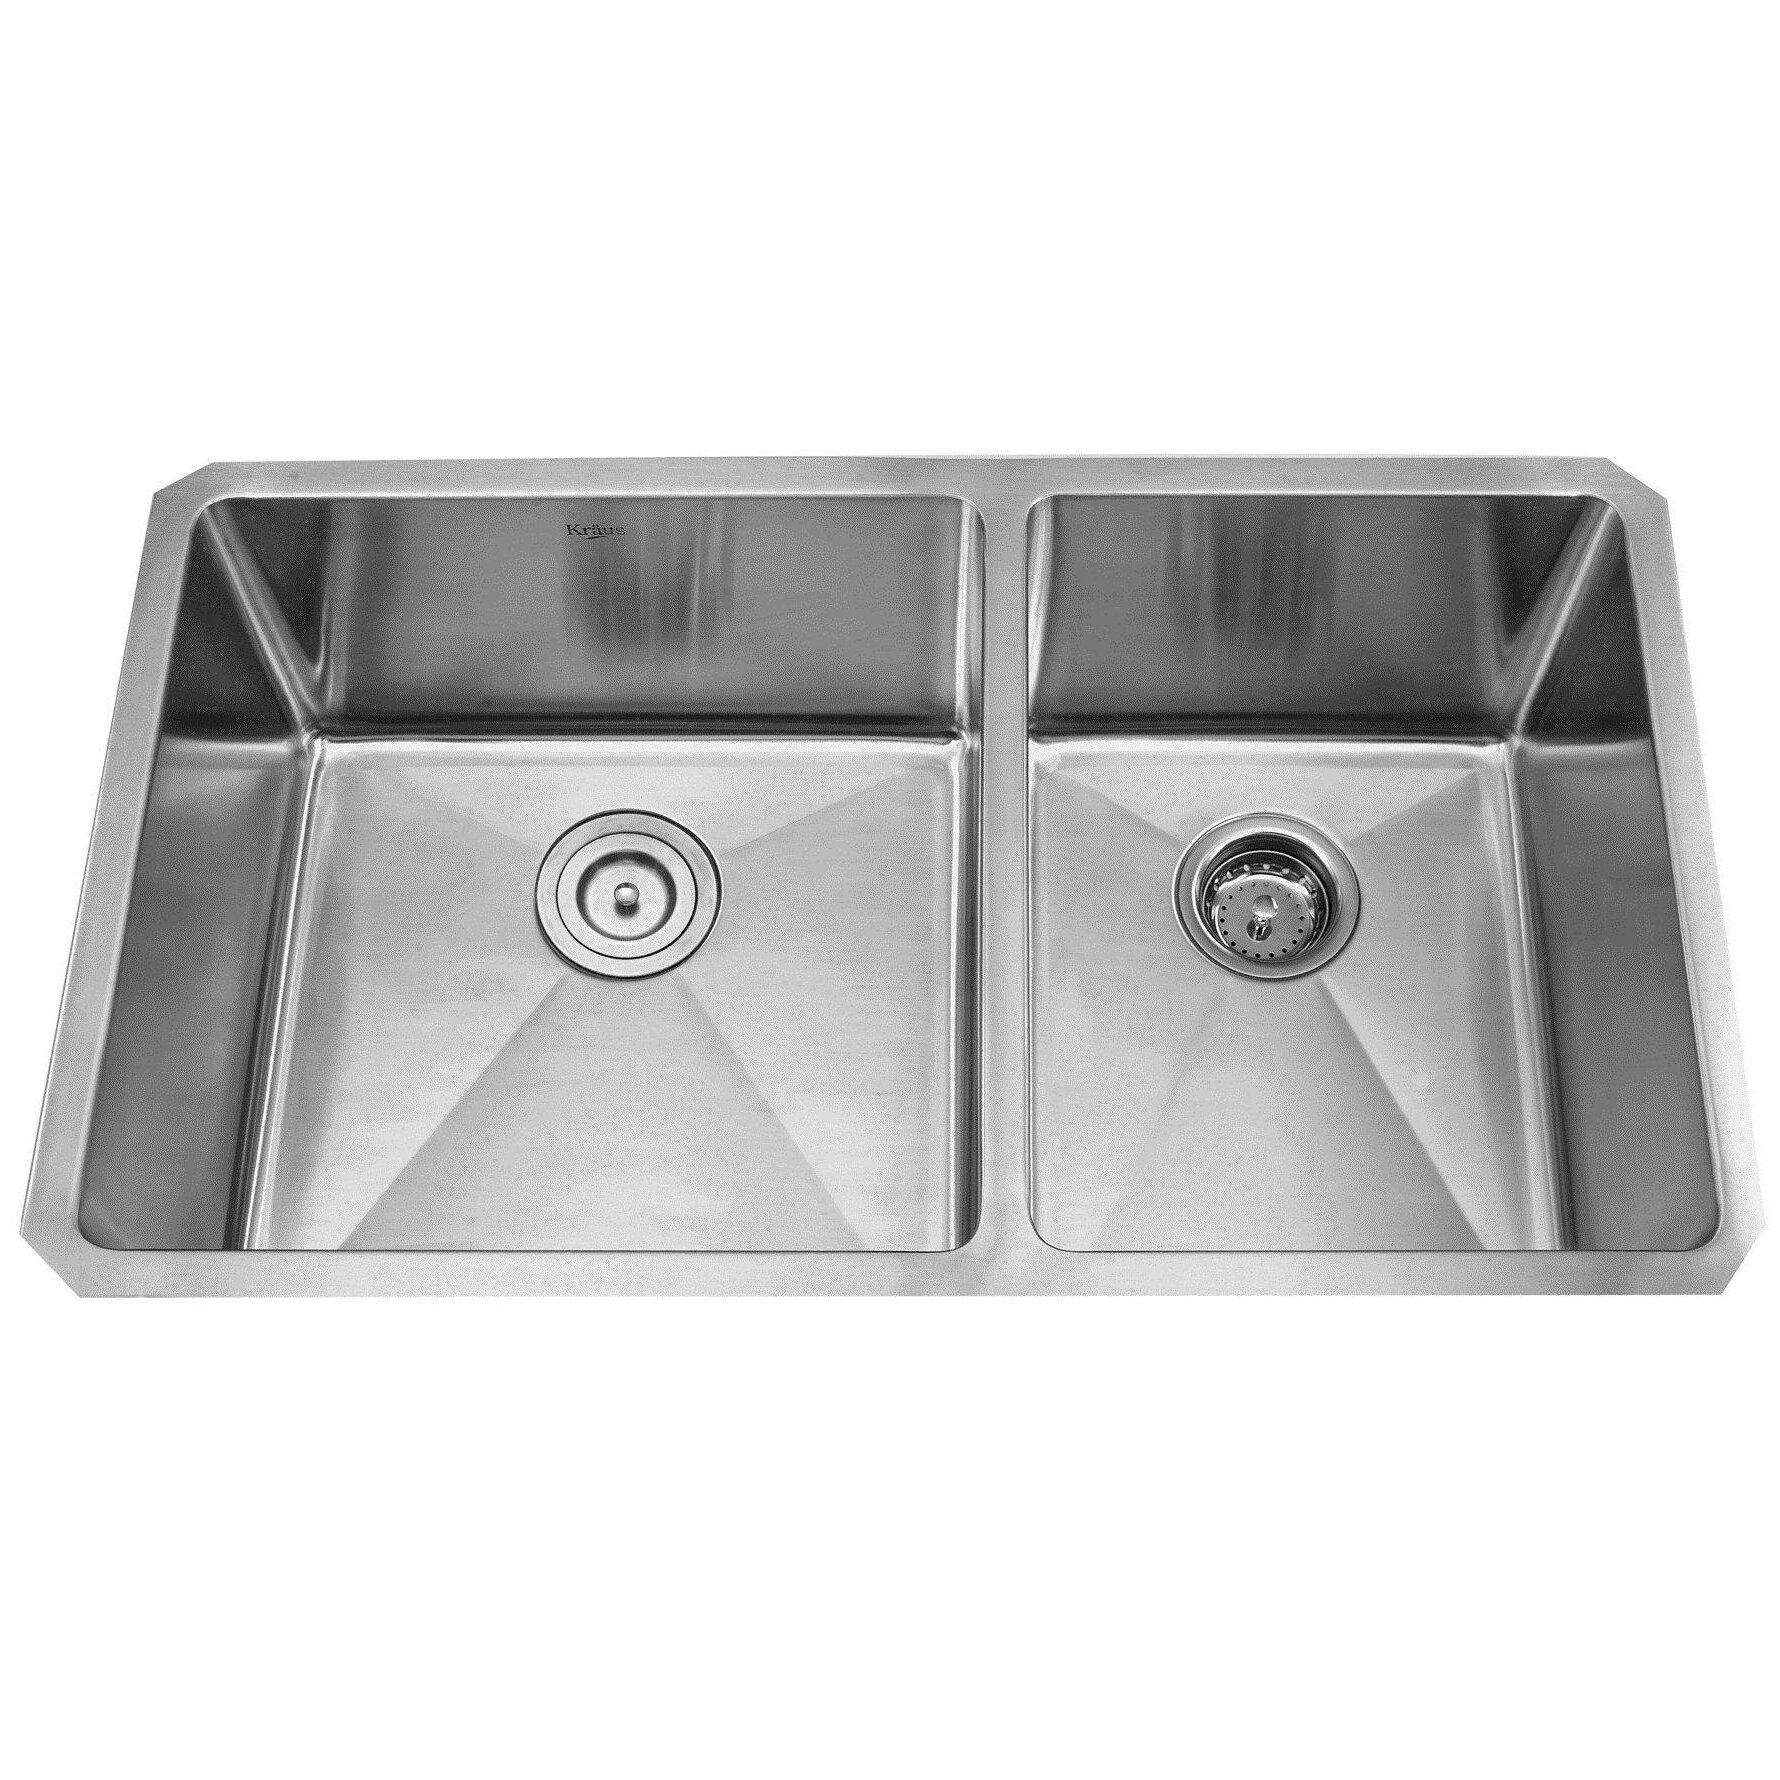 kitchen sink 33x19